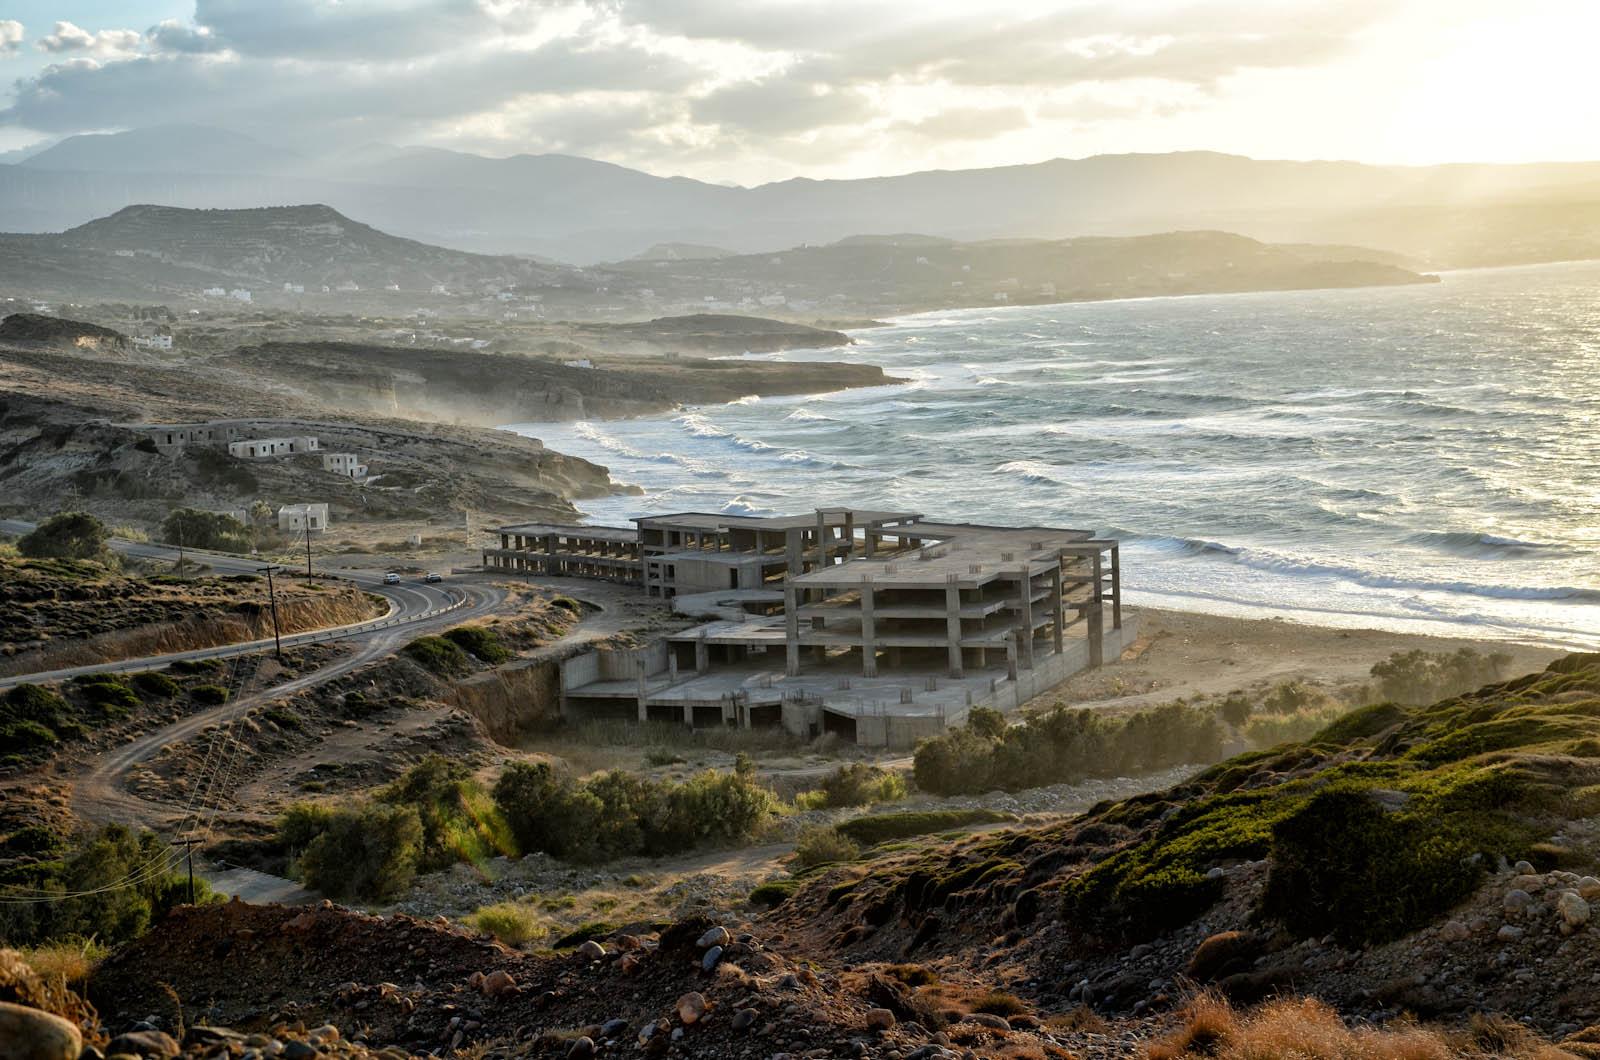 edificio abbandonato di fronte al mare